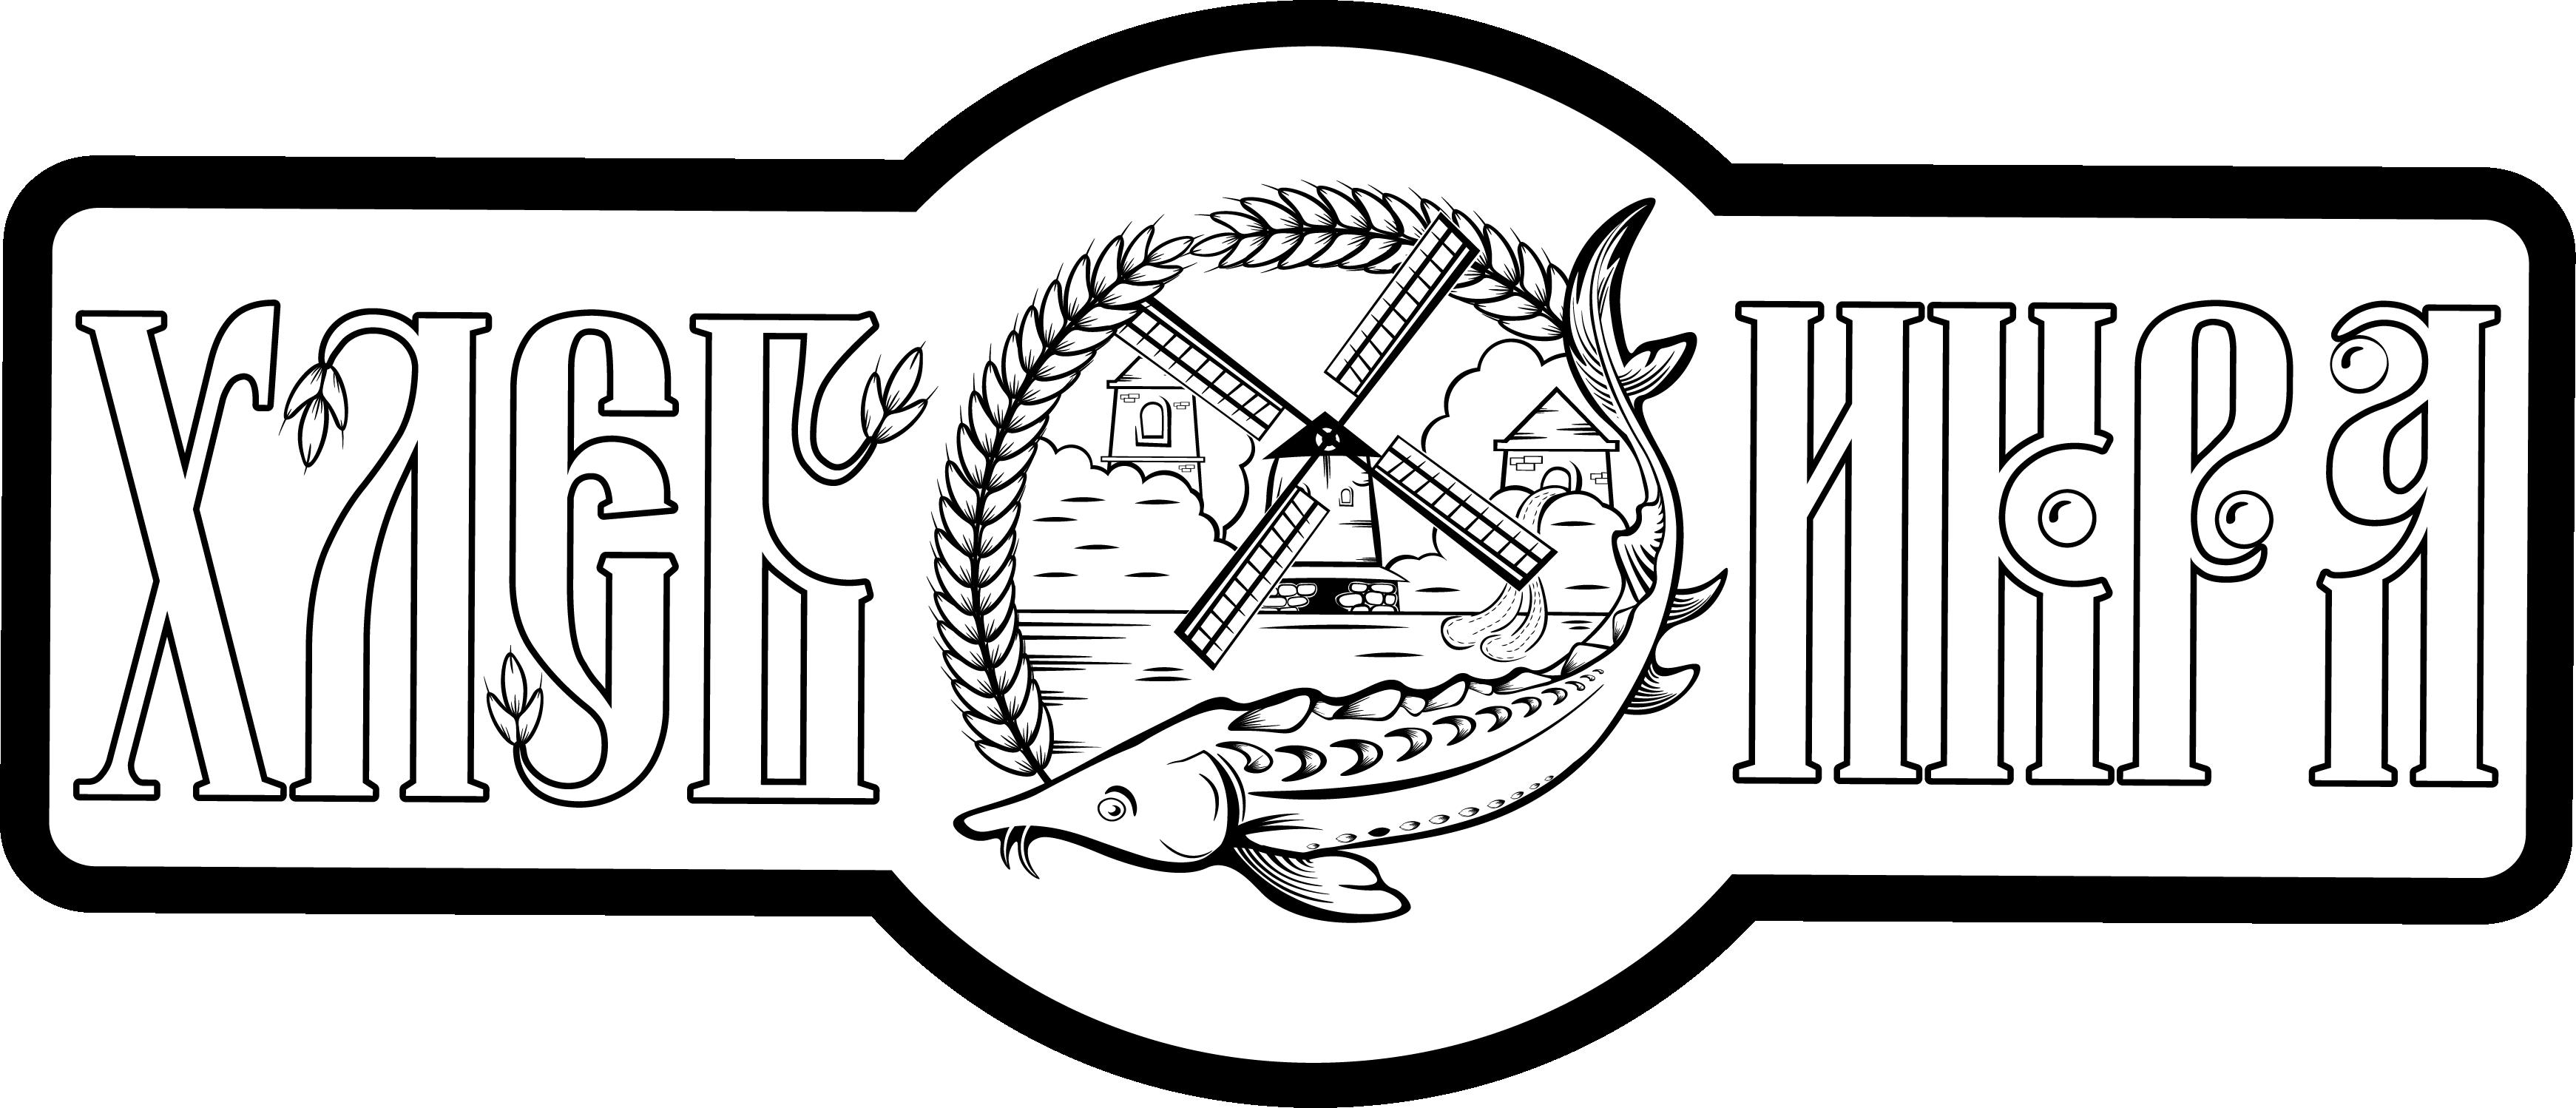 Разработка логотипа (написание)и разработка дизайна вывески  фото f_6815d7e9cd9d019f.png